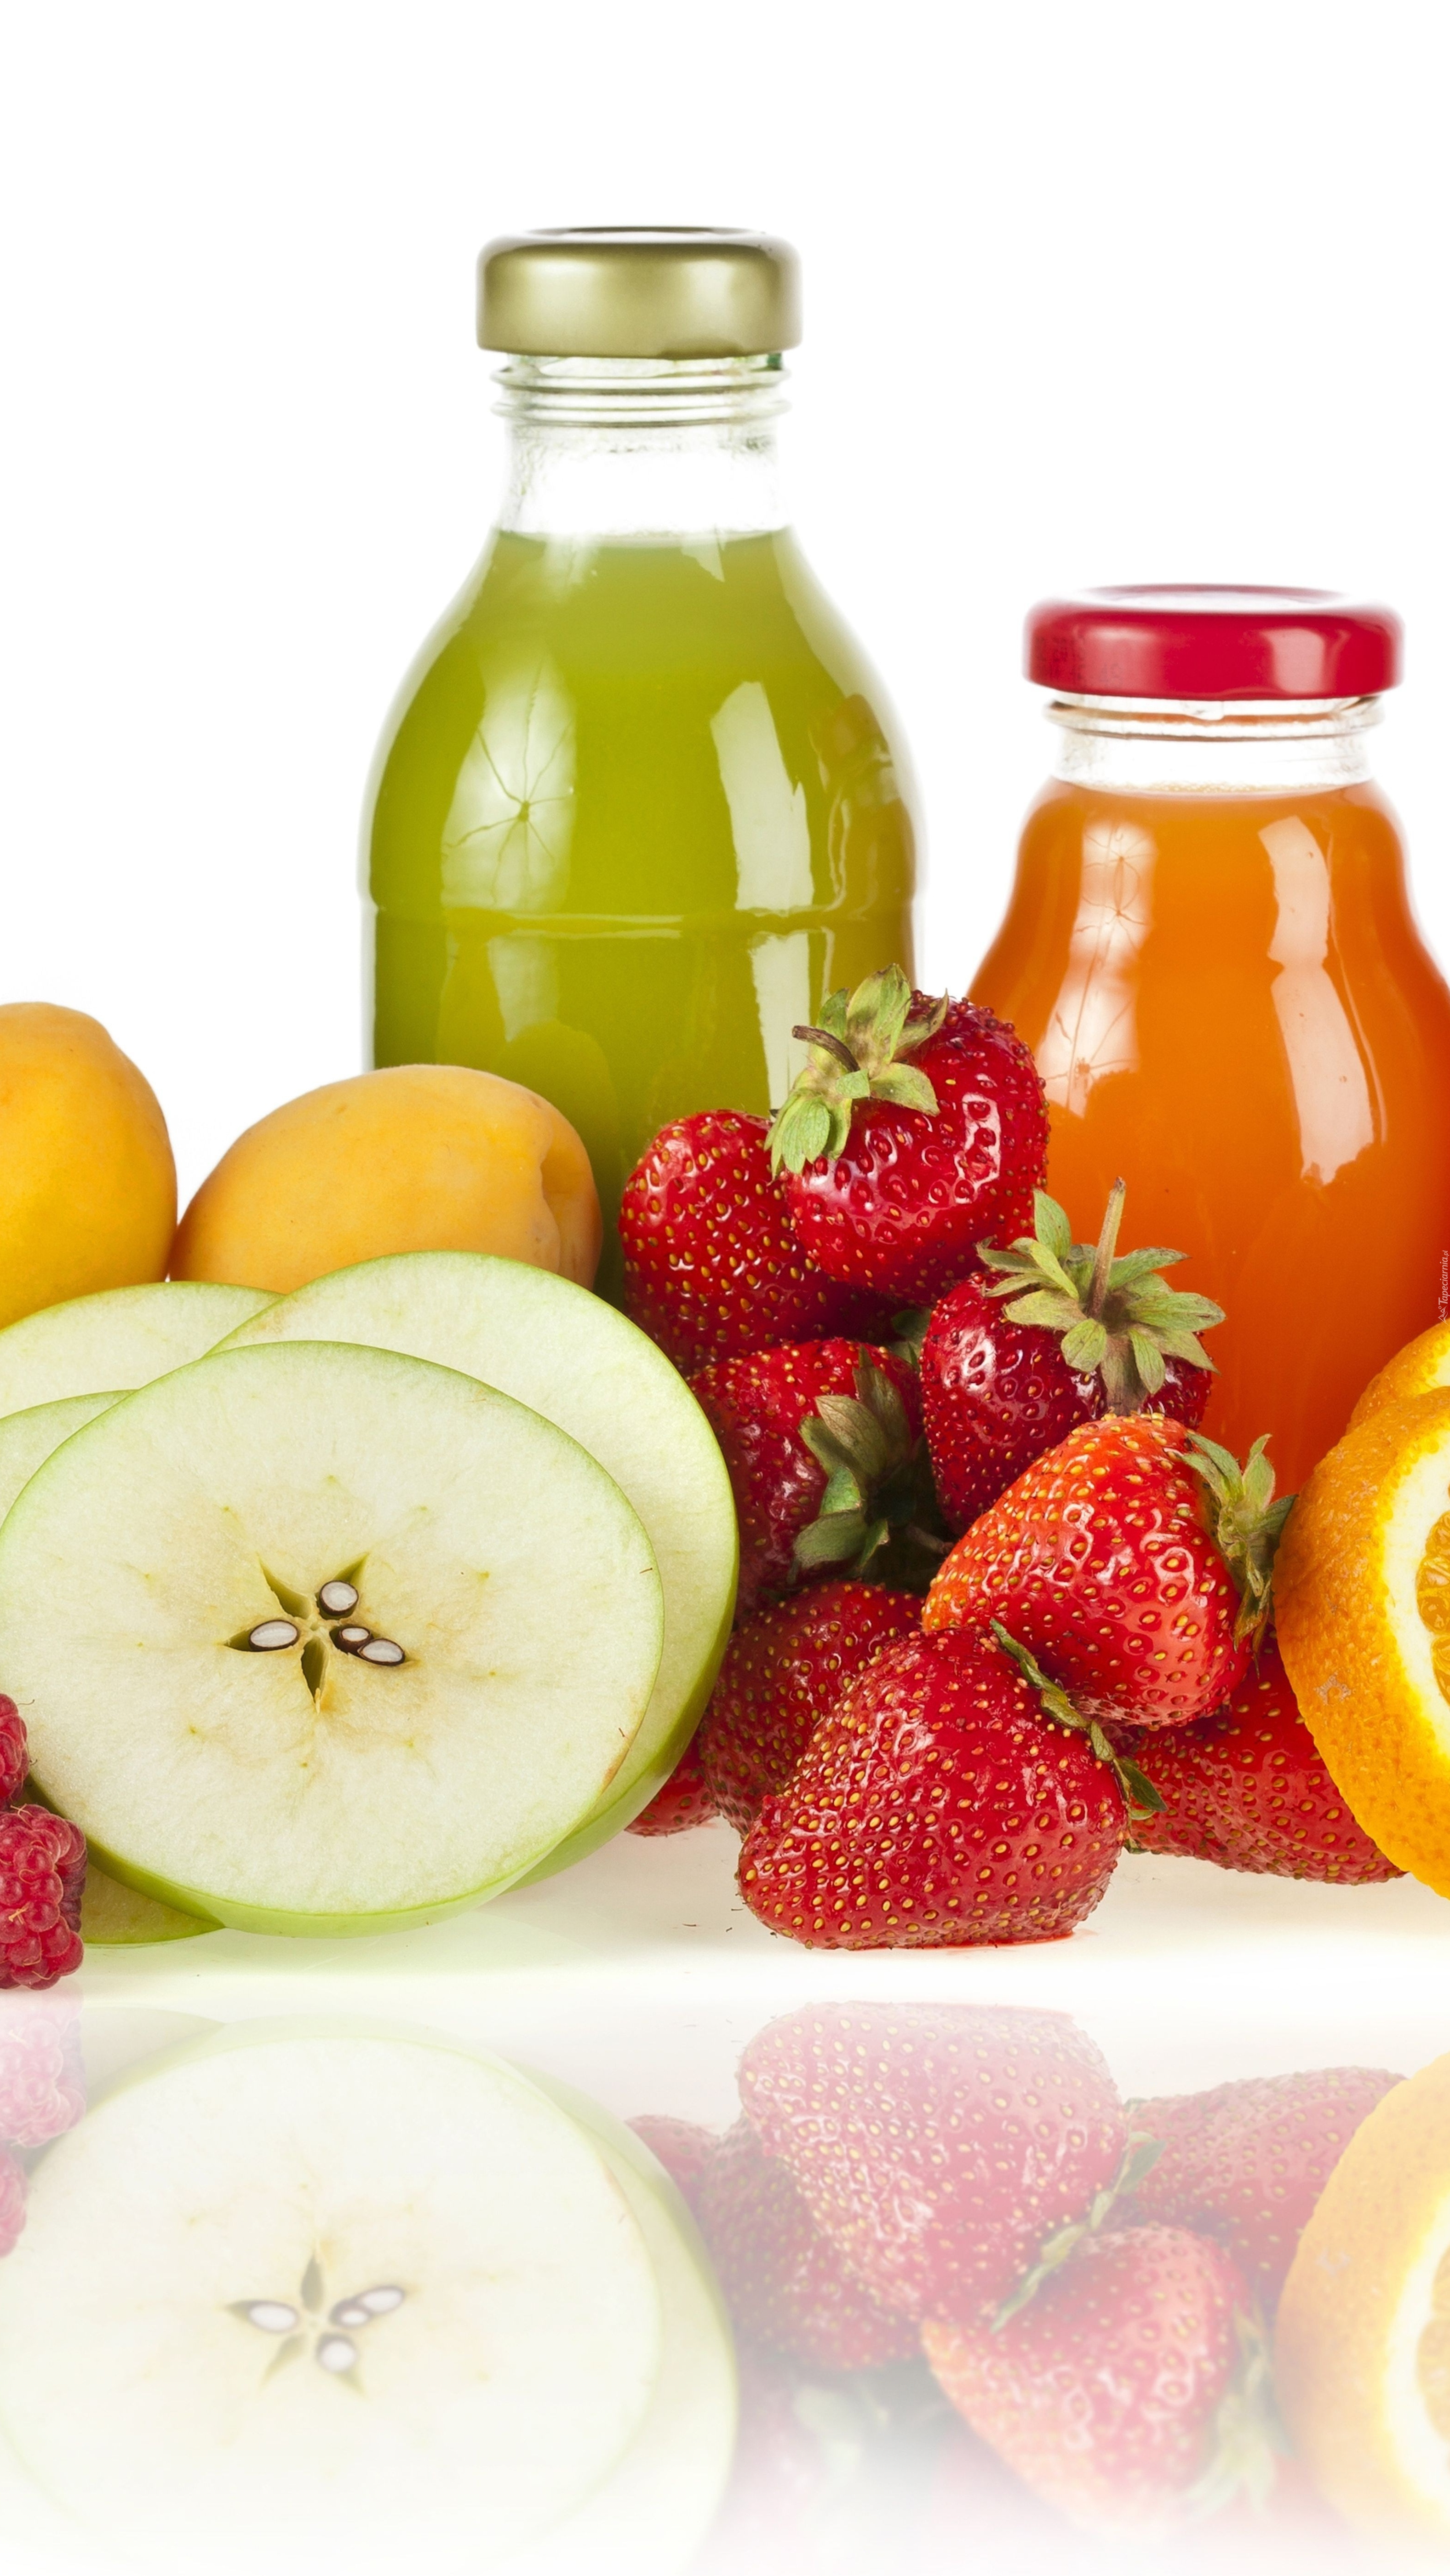 Soki i owoce